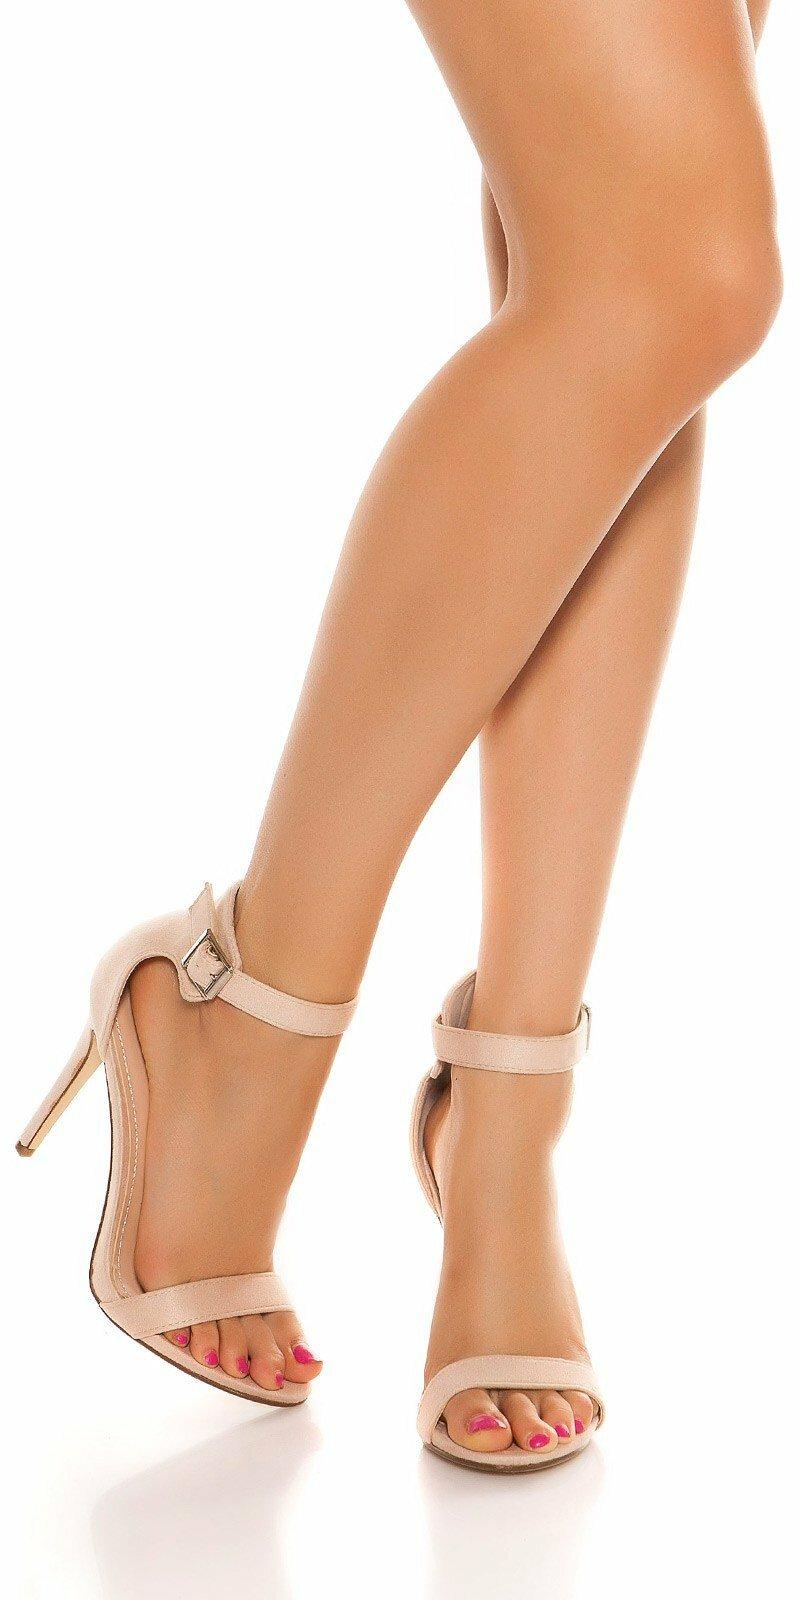 7ec2291a7963 Sandále s remienkom na vysokom podpätku  Velkosť topánok 39 Farba Béžová